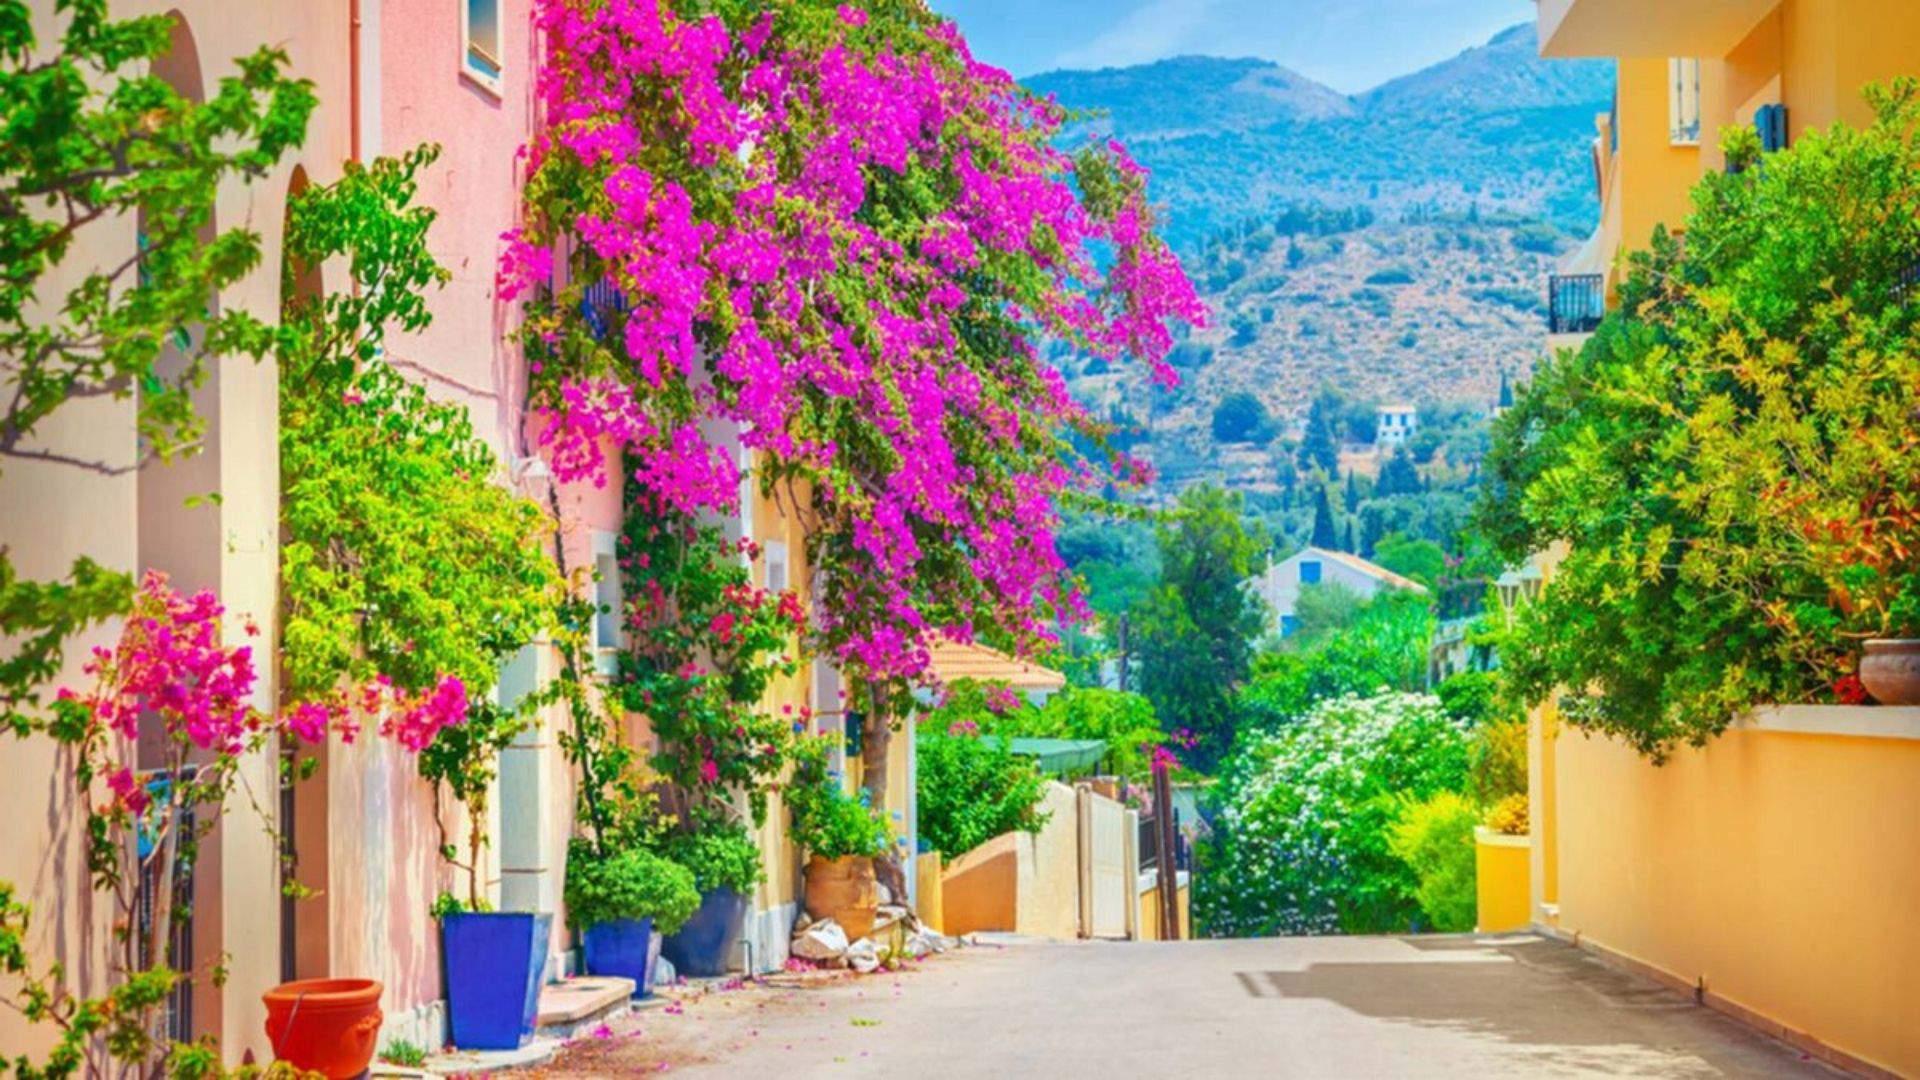 Kefalonijos gatvėse - gėlių aromatai ir ryškios spalvos